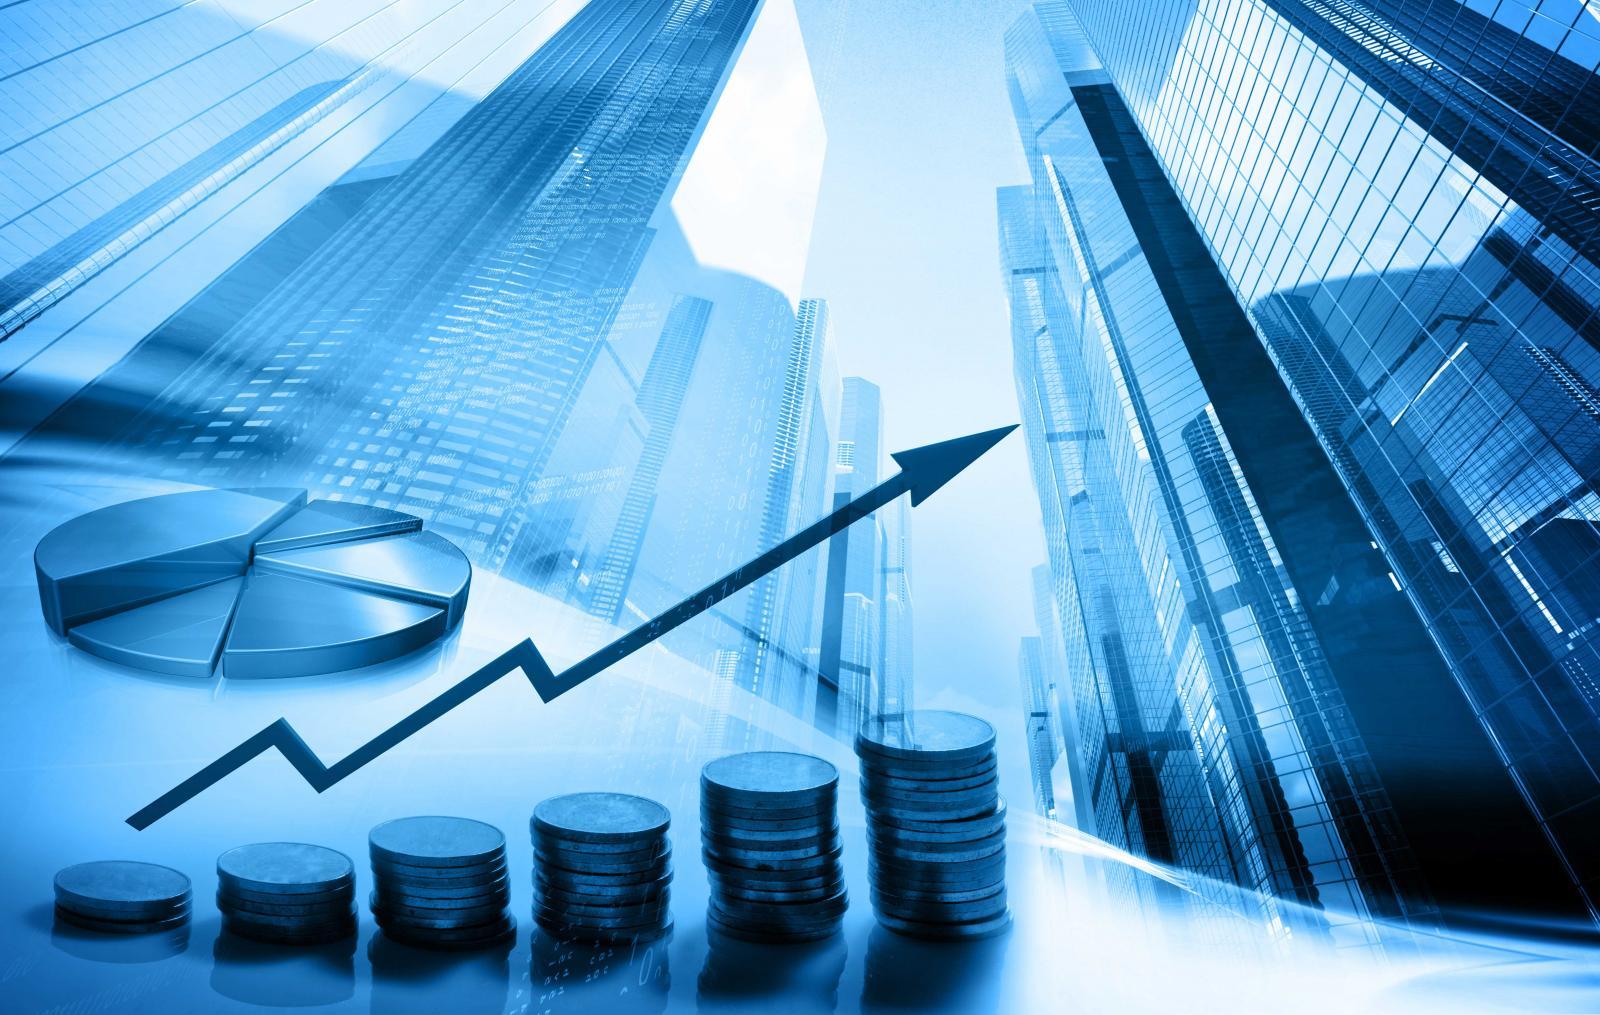 В Брянской области объемы инвестиций выросли до 52 млрд рублей